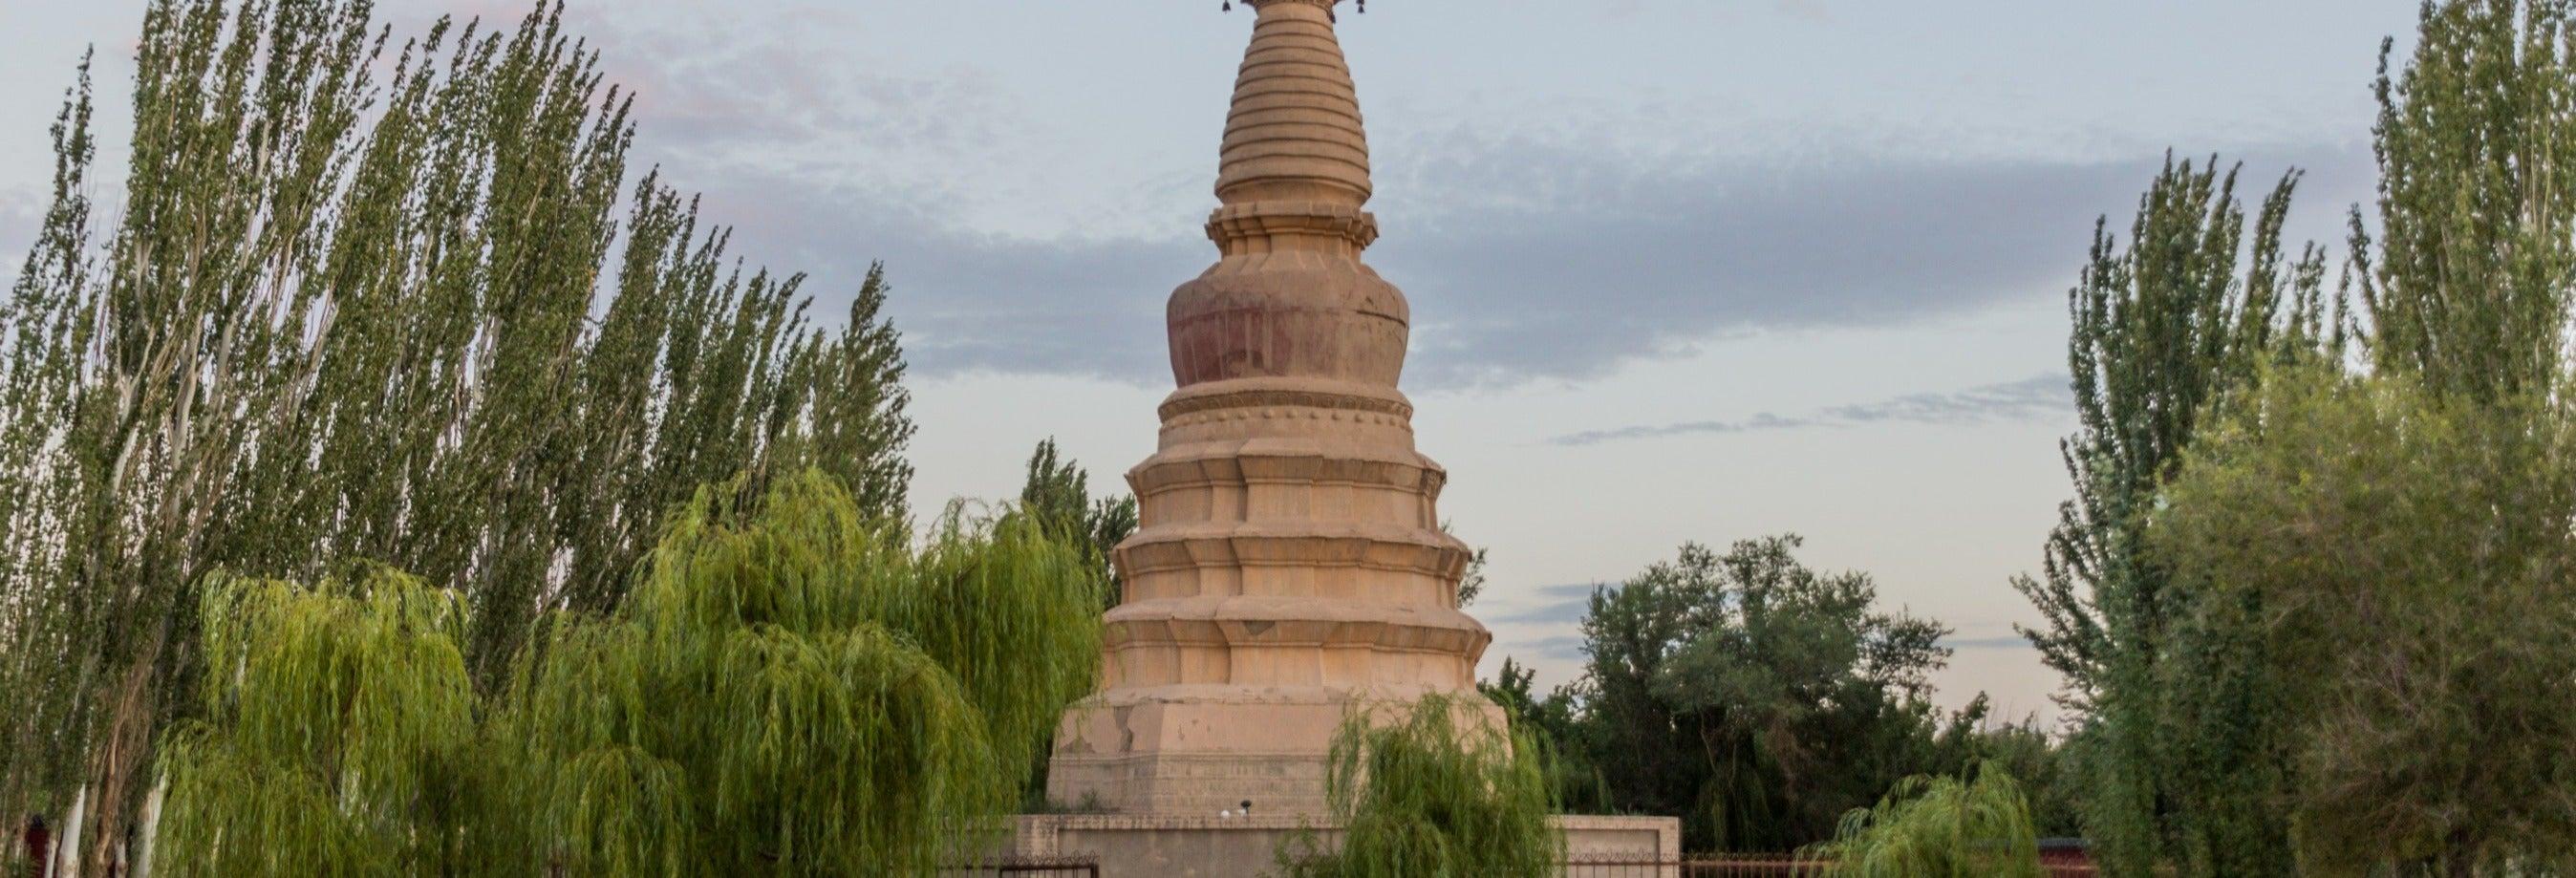 Tour privado por las grutas de Longmen y templo del Caballo Blanco